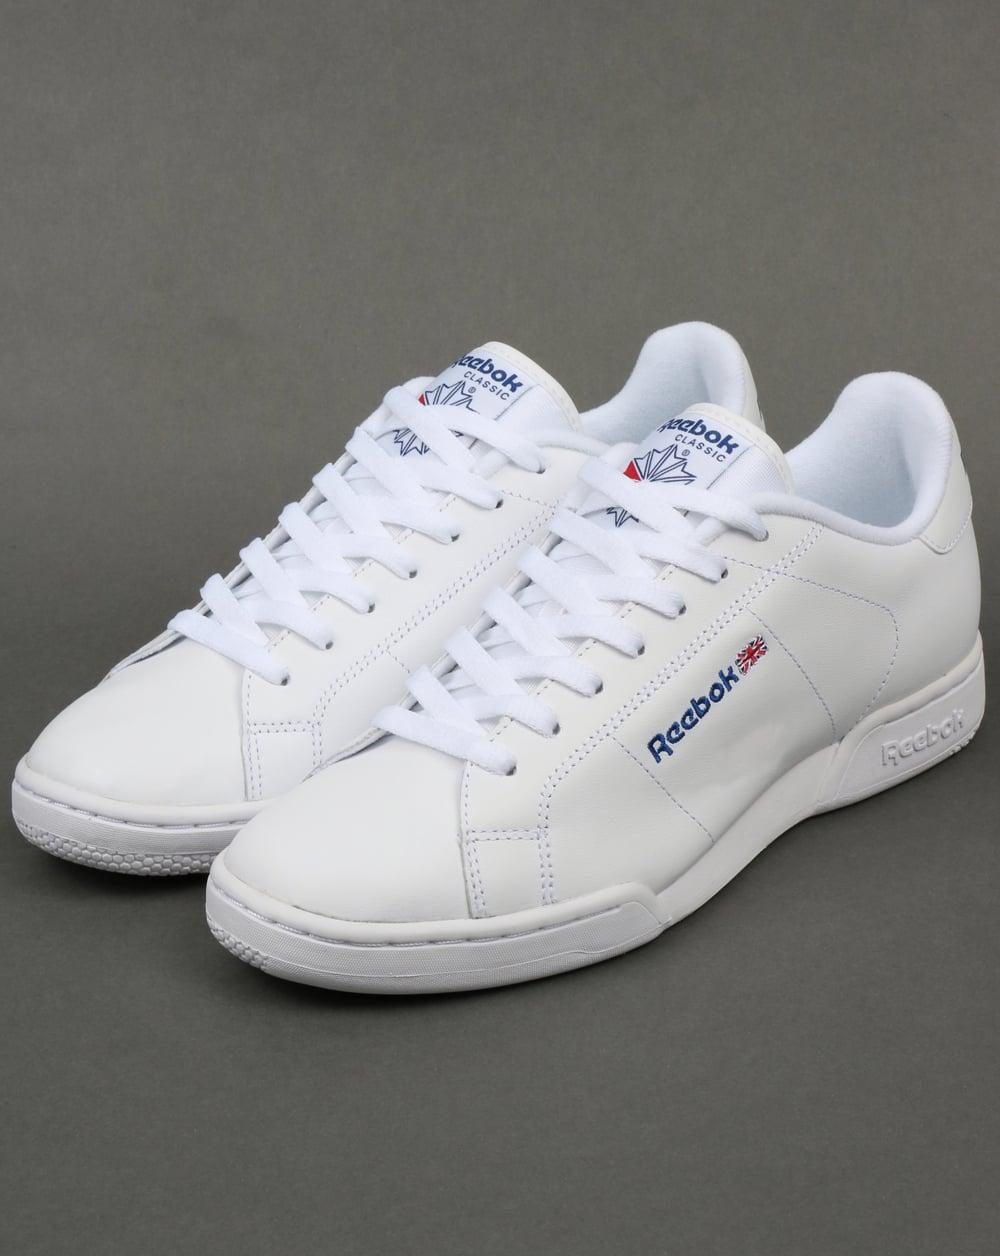 e596358b818 Reebok NPC II Trainers White White